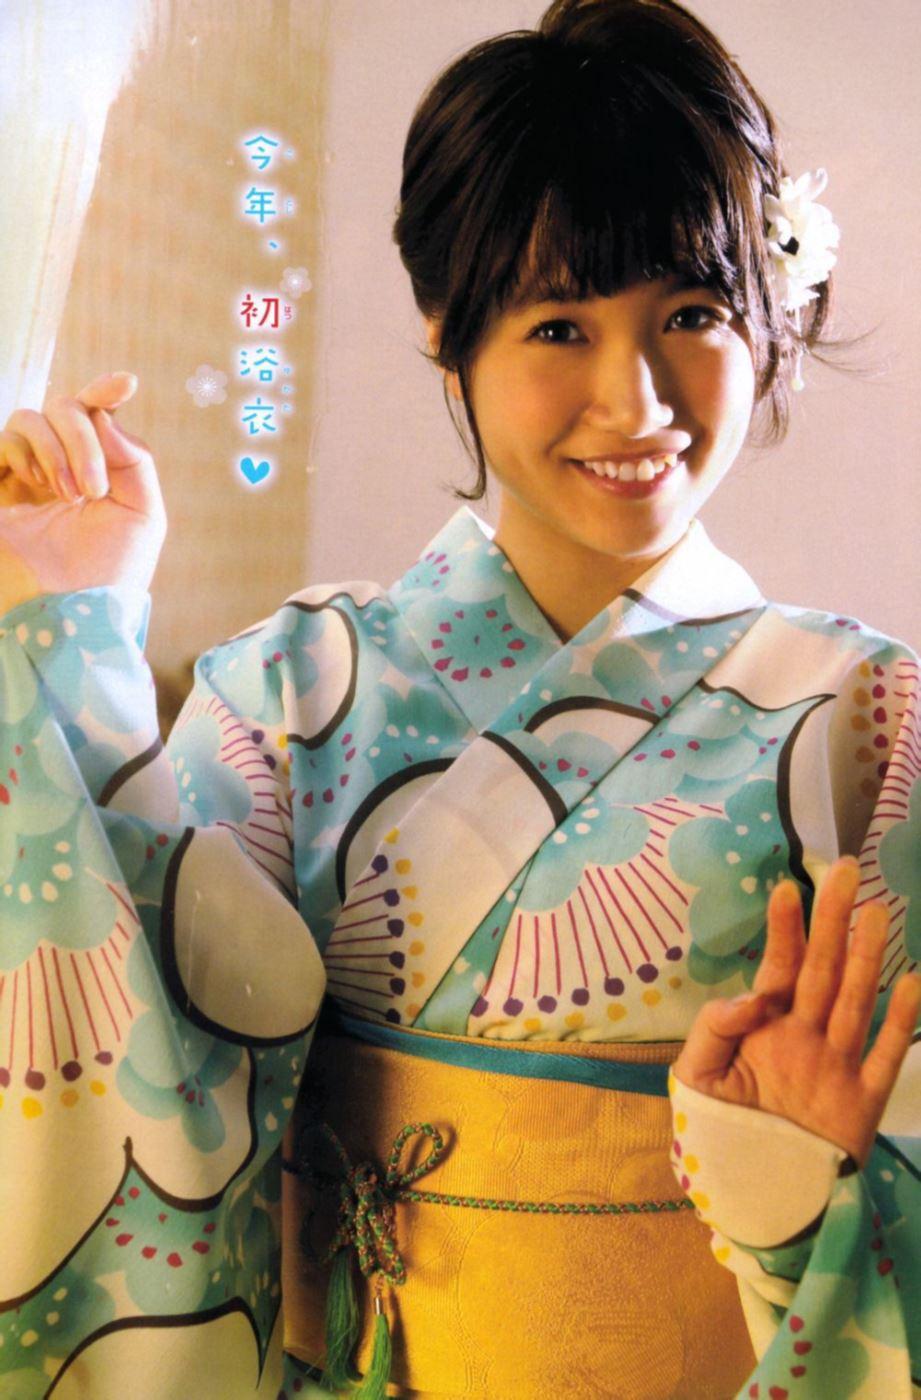 朝長美桜 画像 66